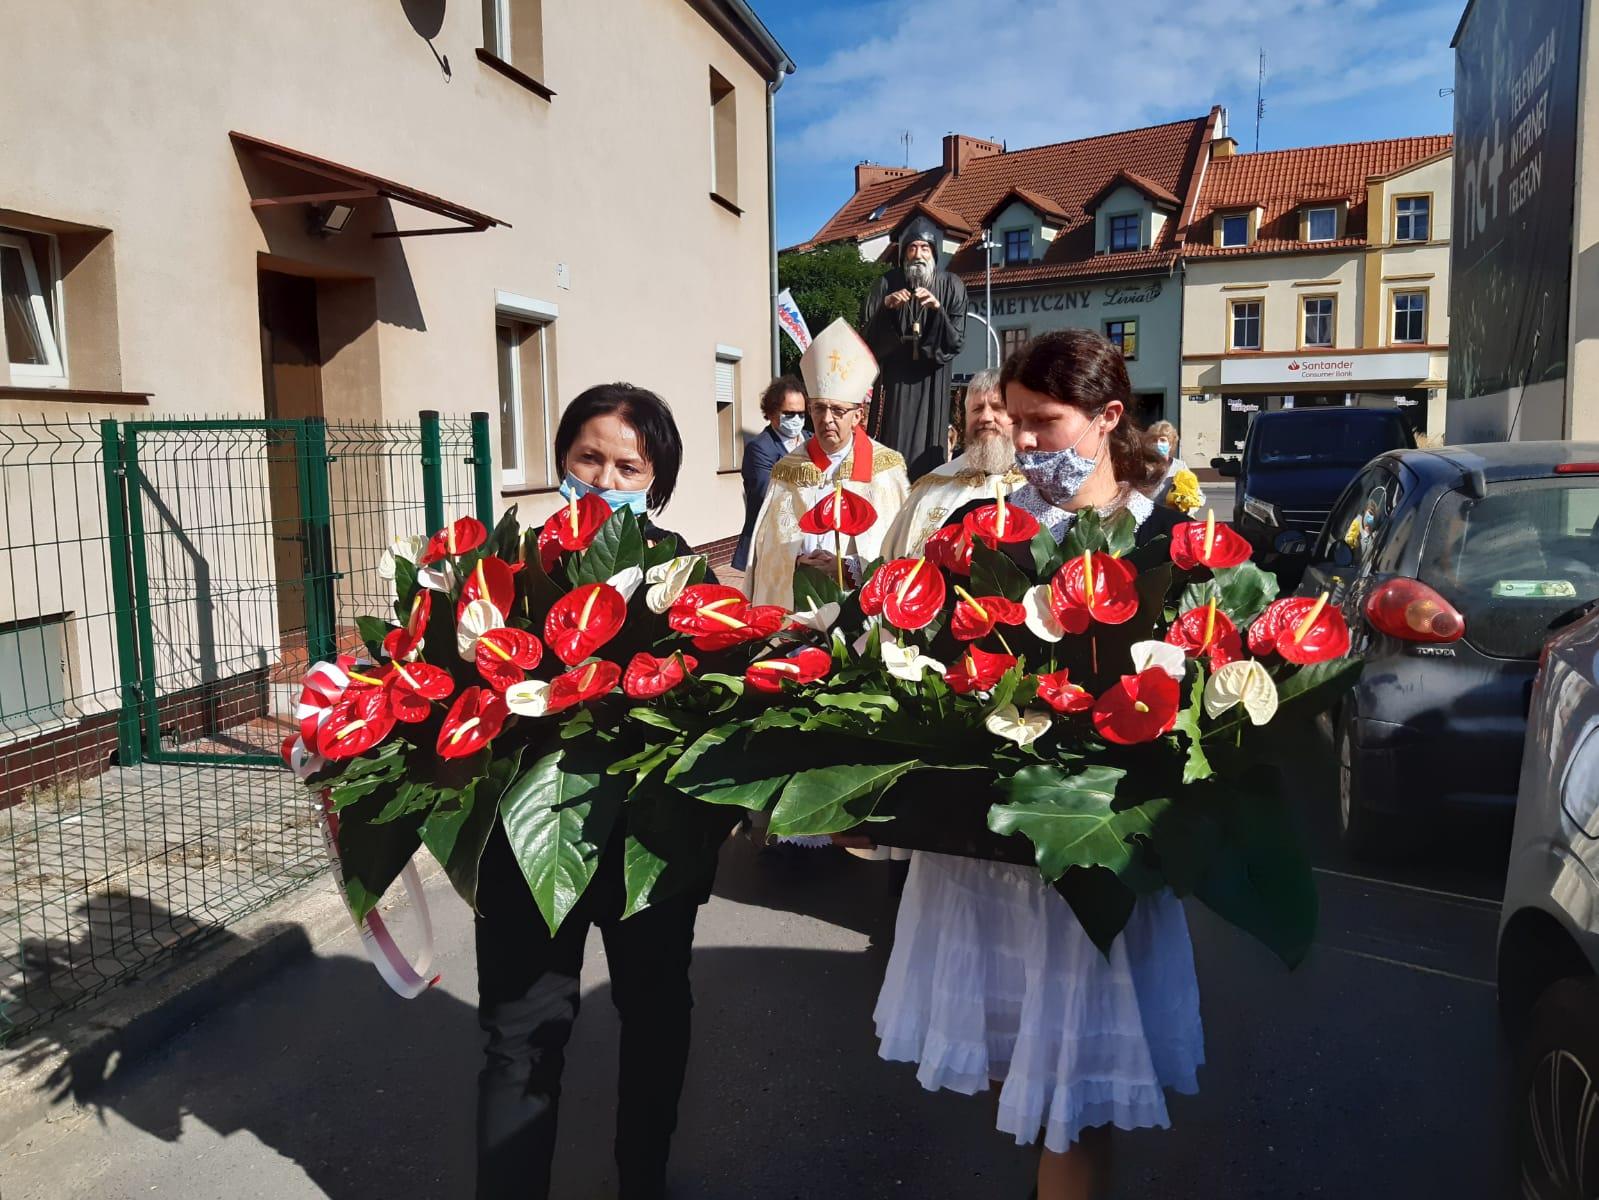 Peregrynacja Ojca Charbela – Dni świętego Charbela w Polsce